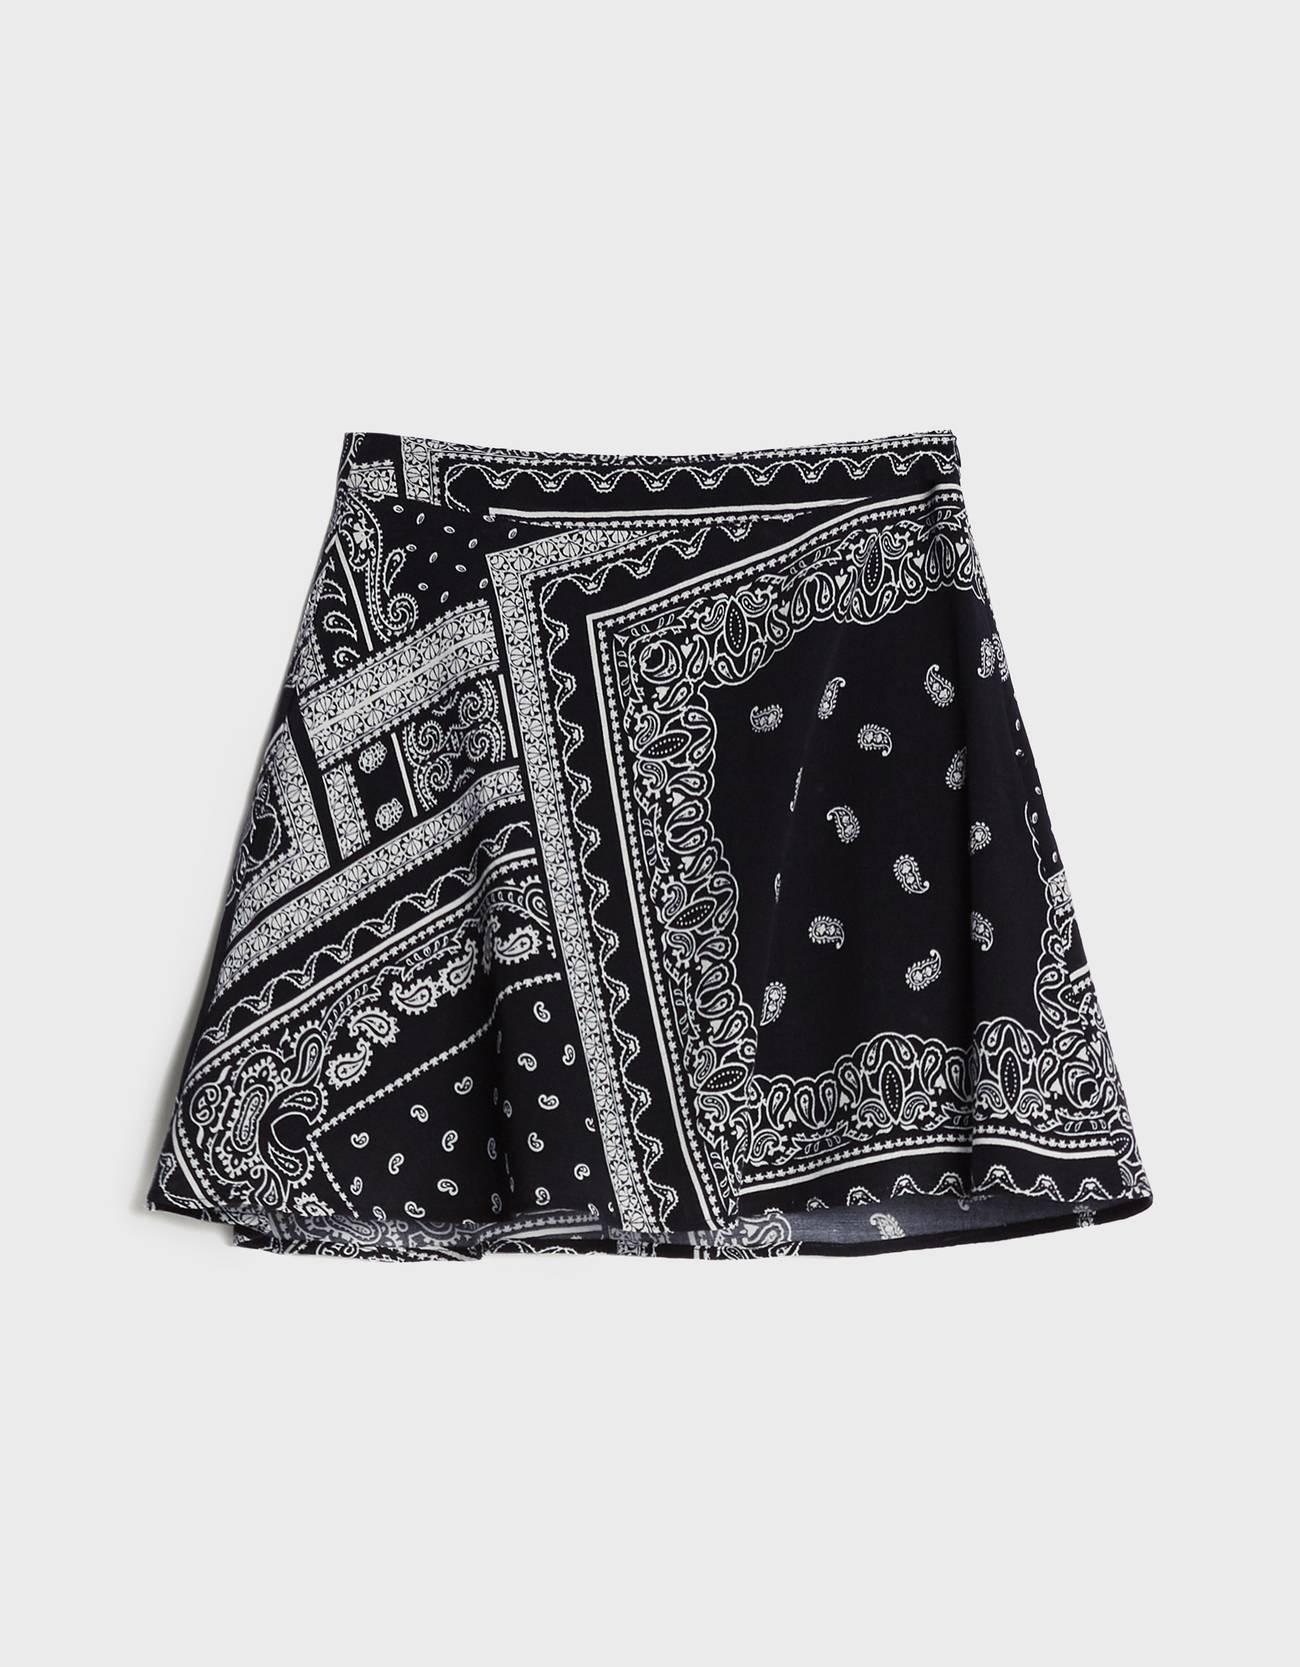 Minifalda estampada de color negro.